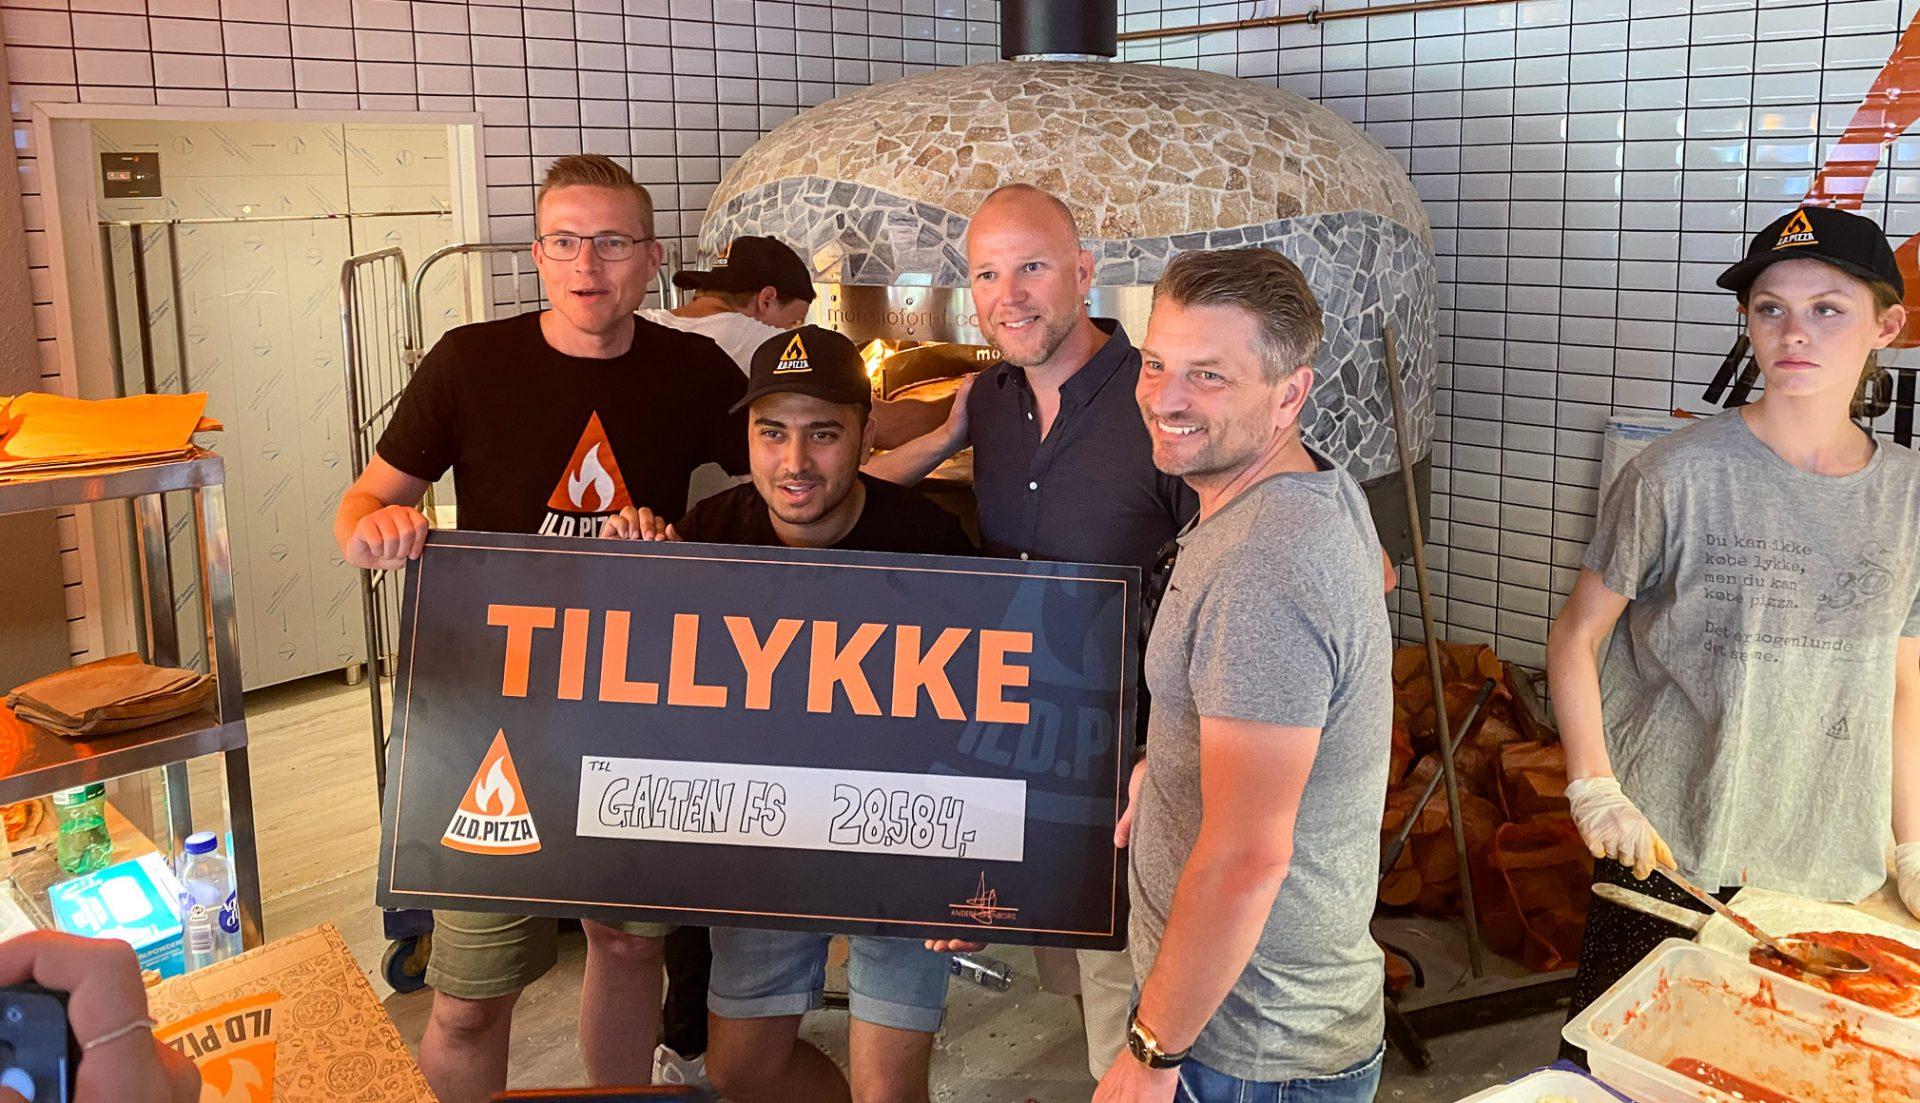 Små 30.000 kr. til den lokale sport: Ild.pizza er ankommet til Galten med bravour